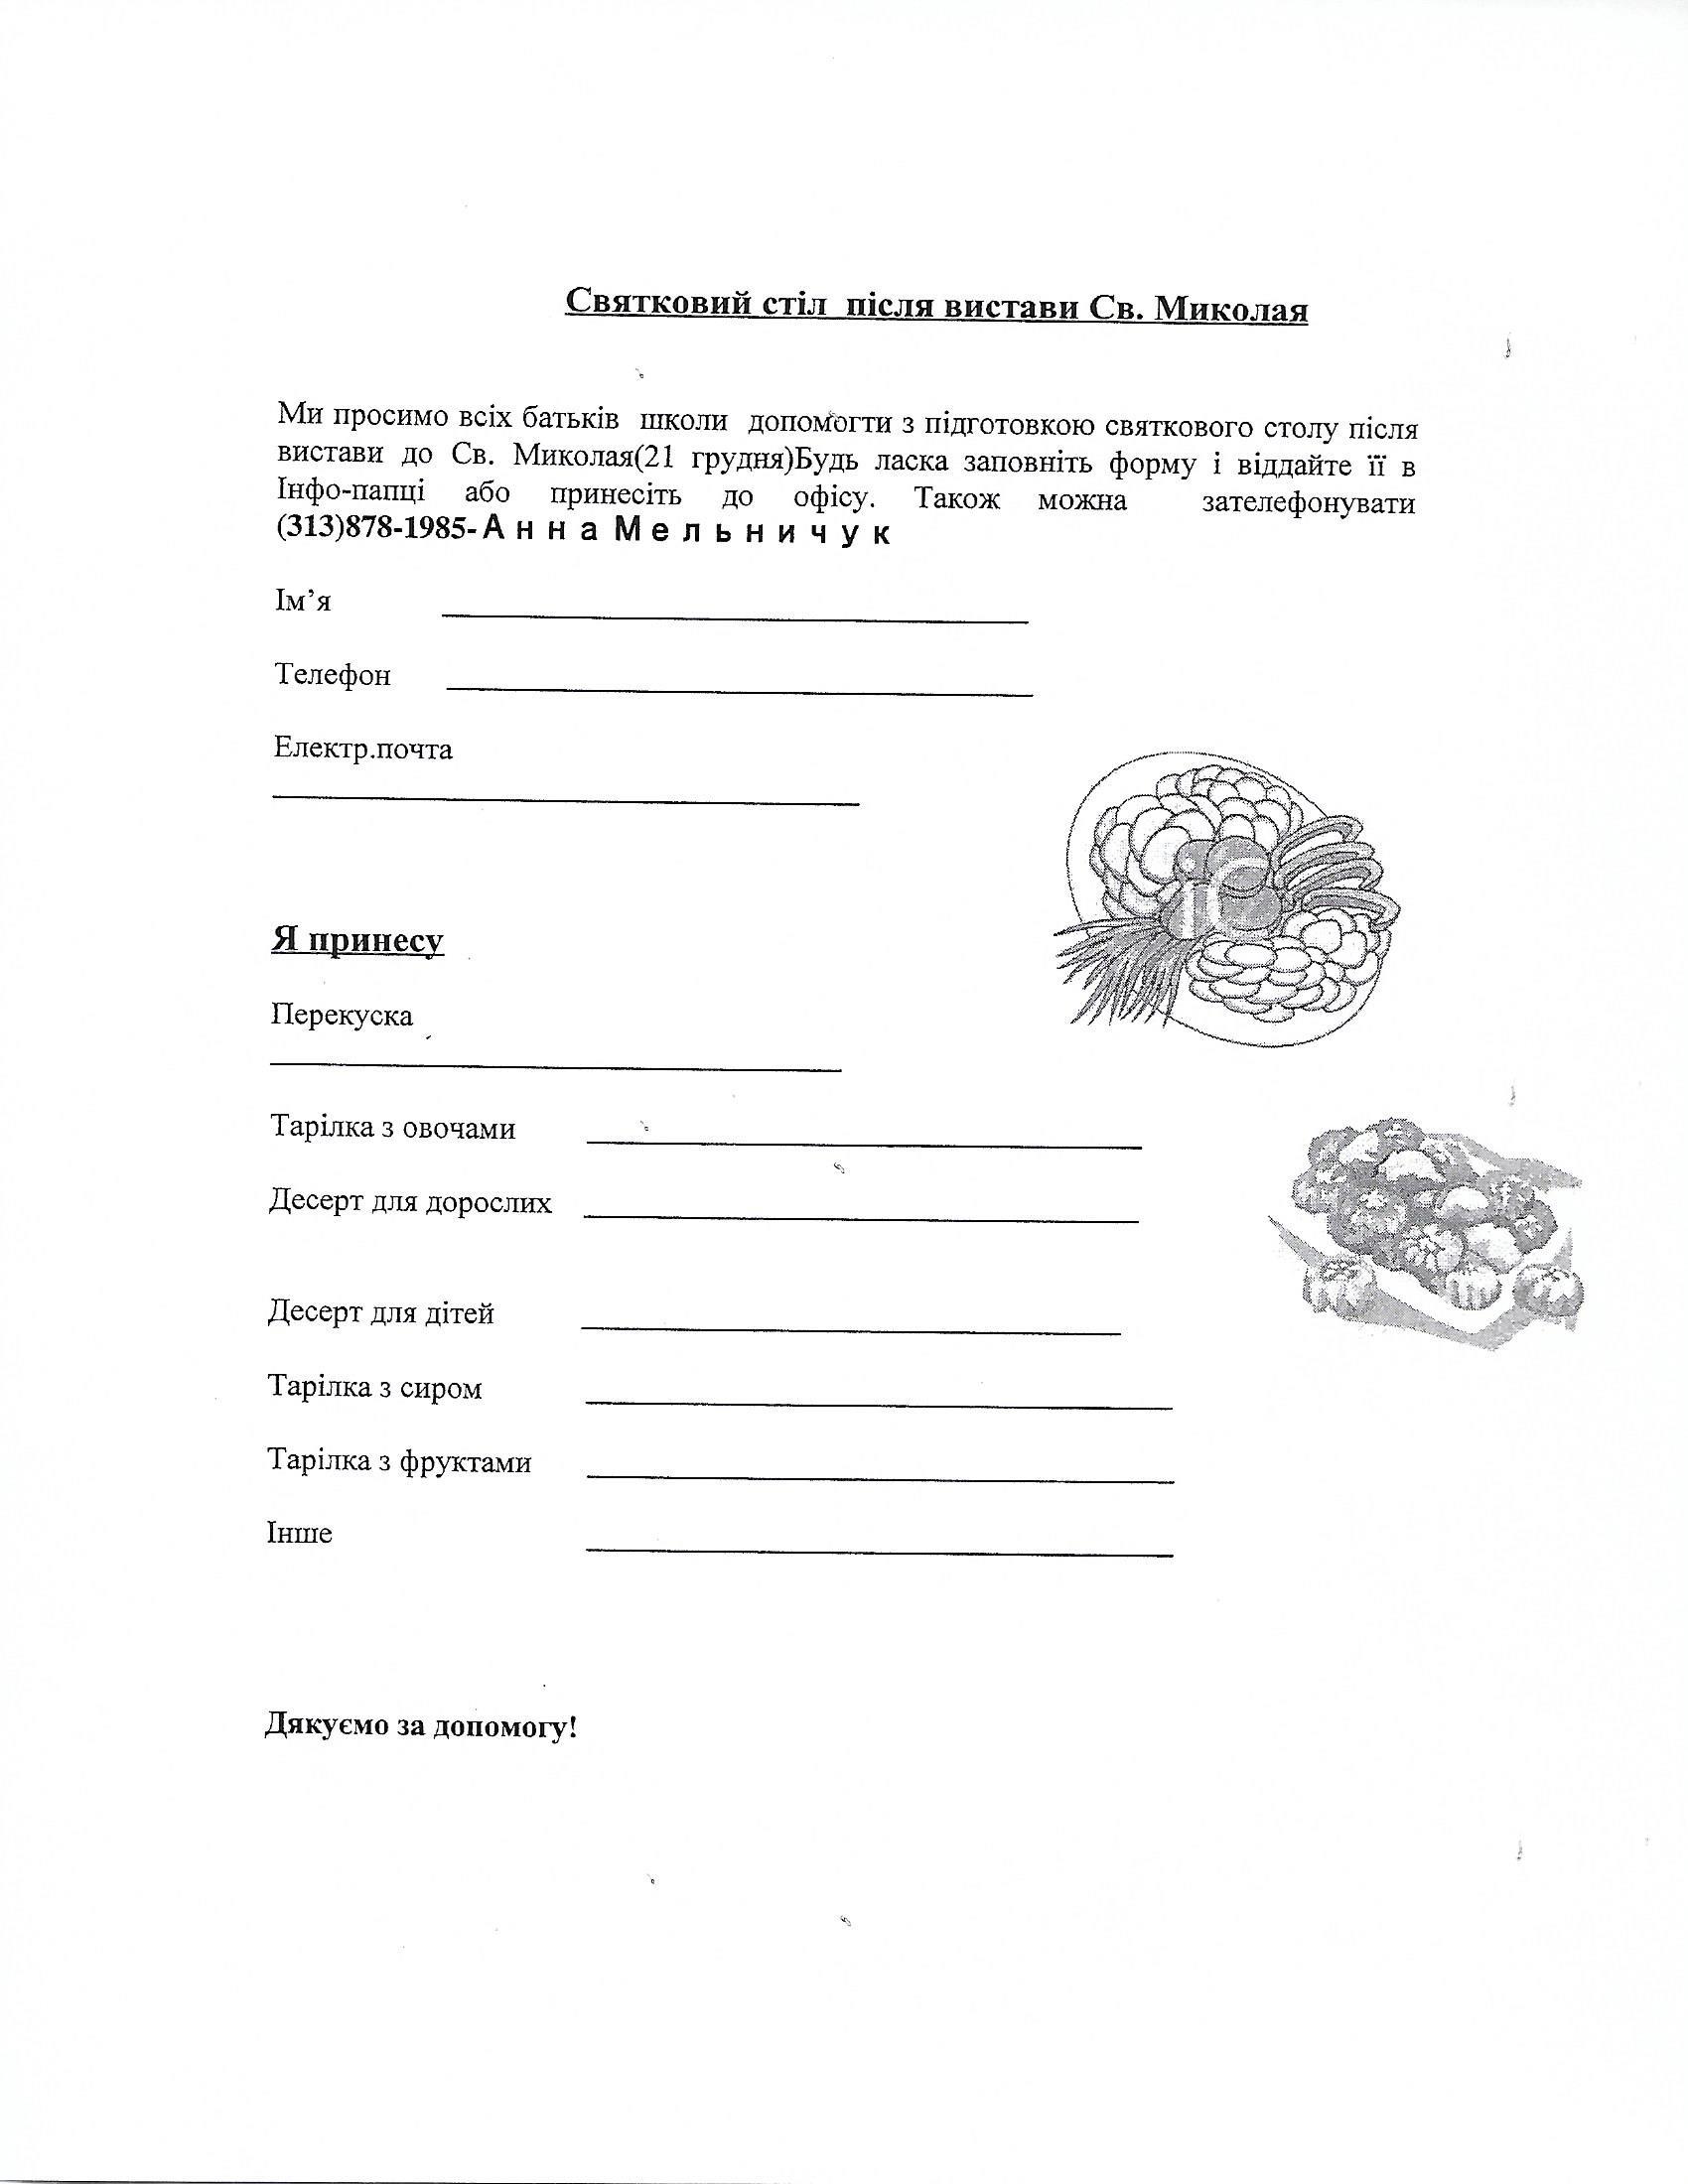 Ukrainian Form.jpg